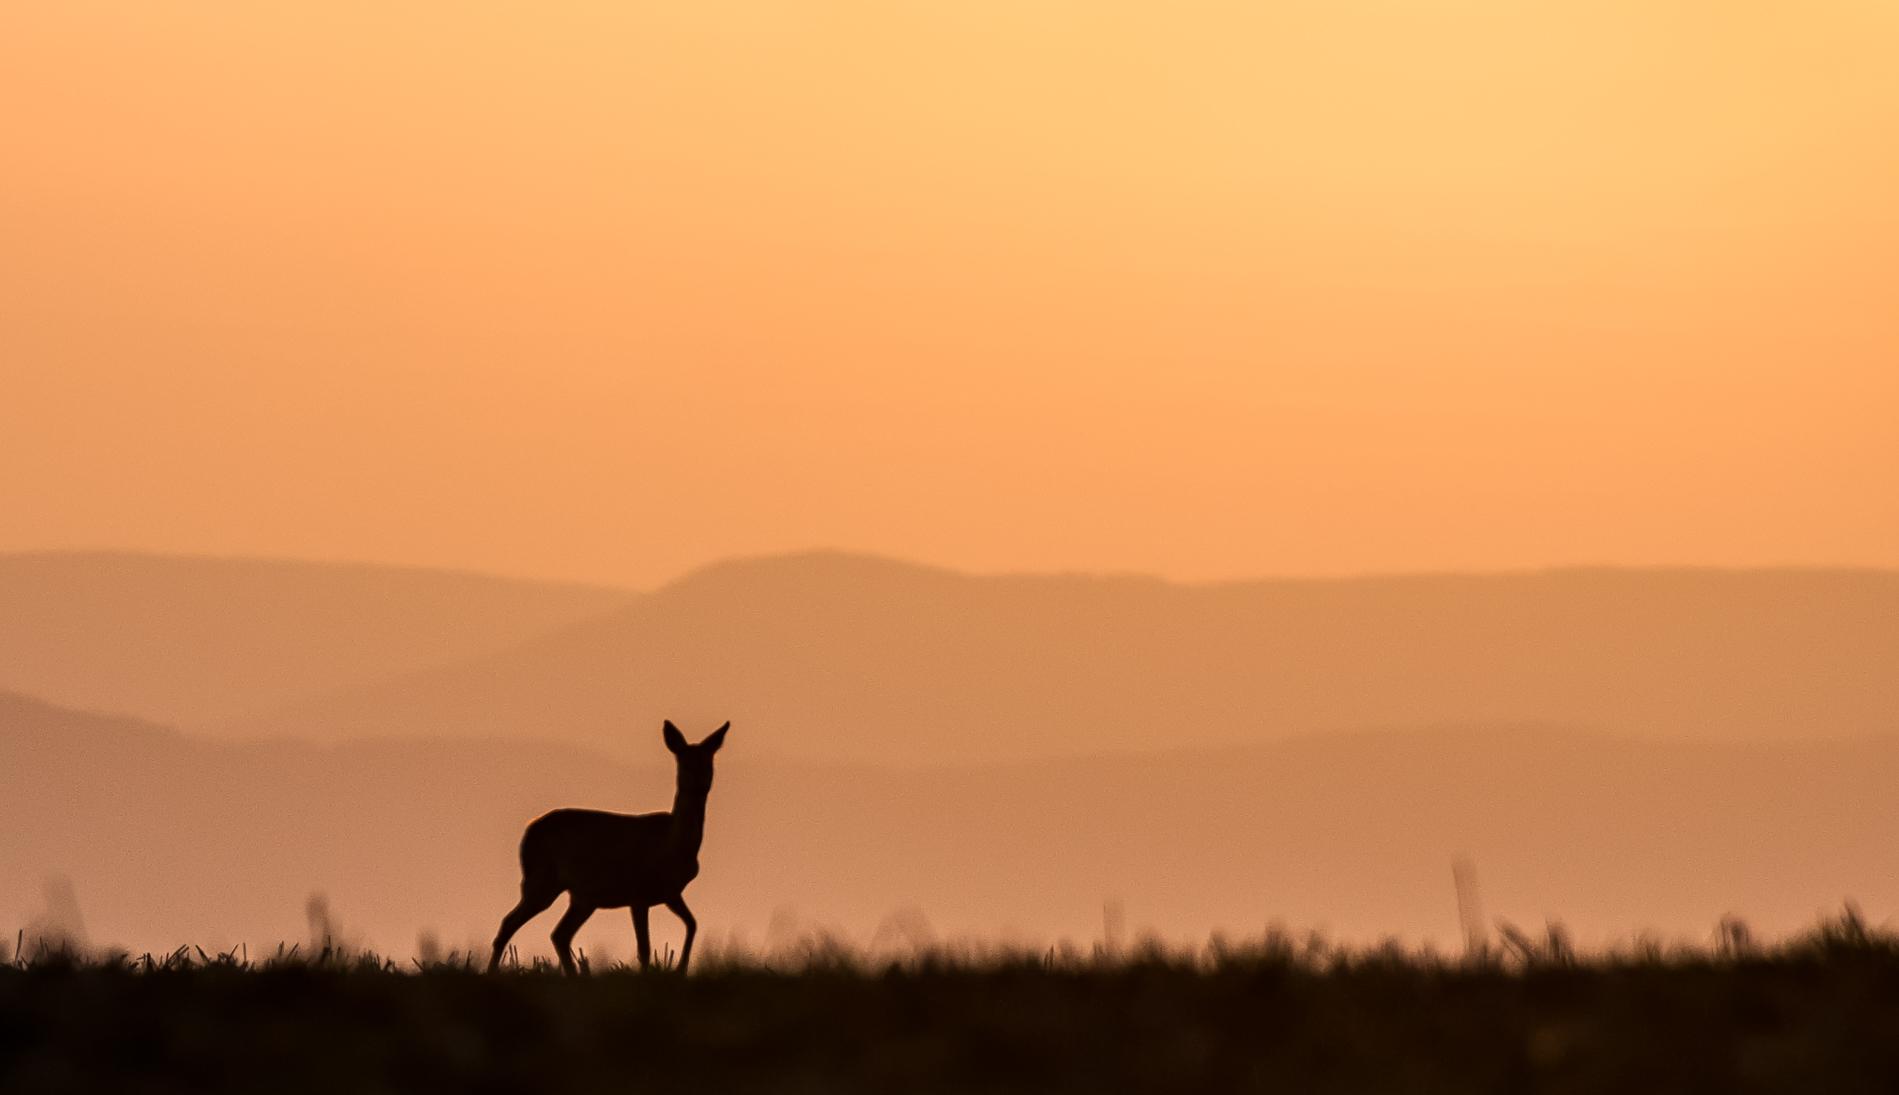 Reh am Morgen- Beim Morgenspaziergang beobachte ich das Reh und das Reh mich -© Karsten Höhne